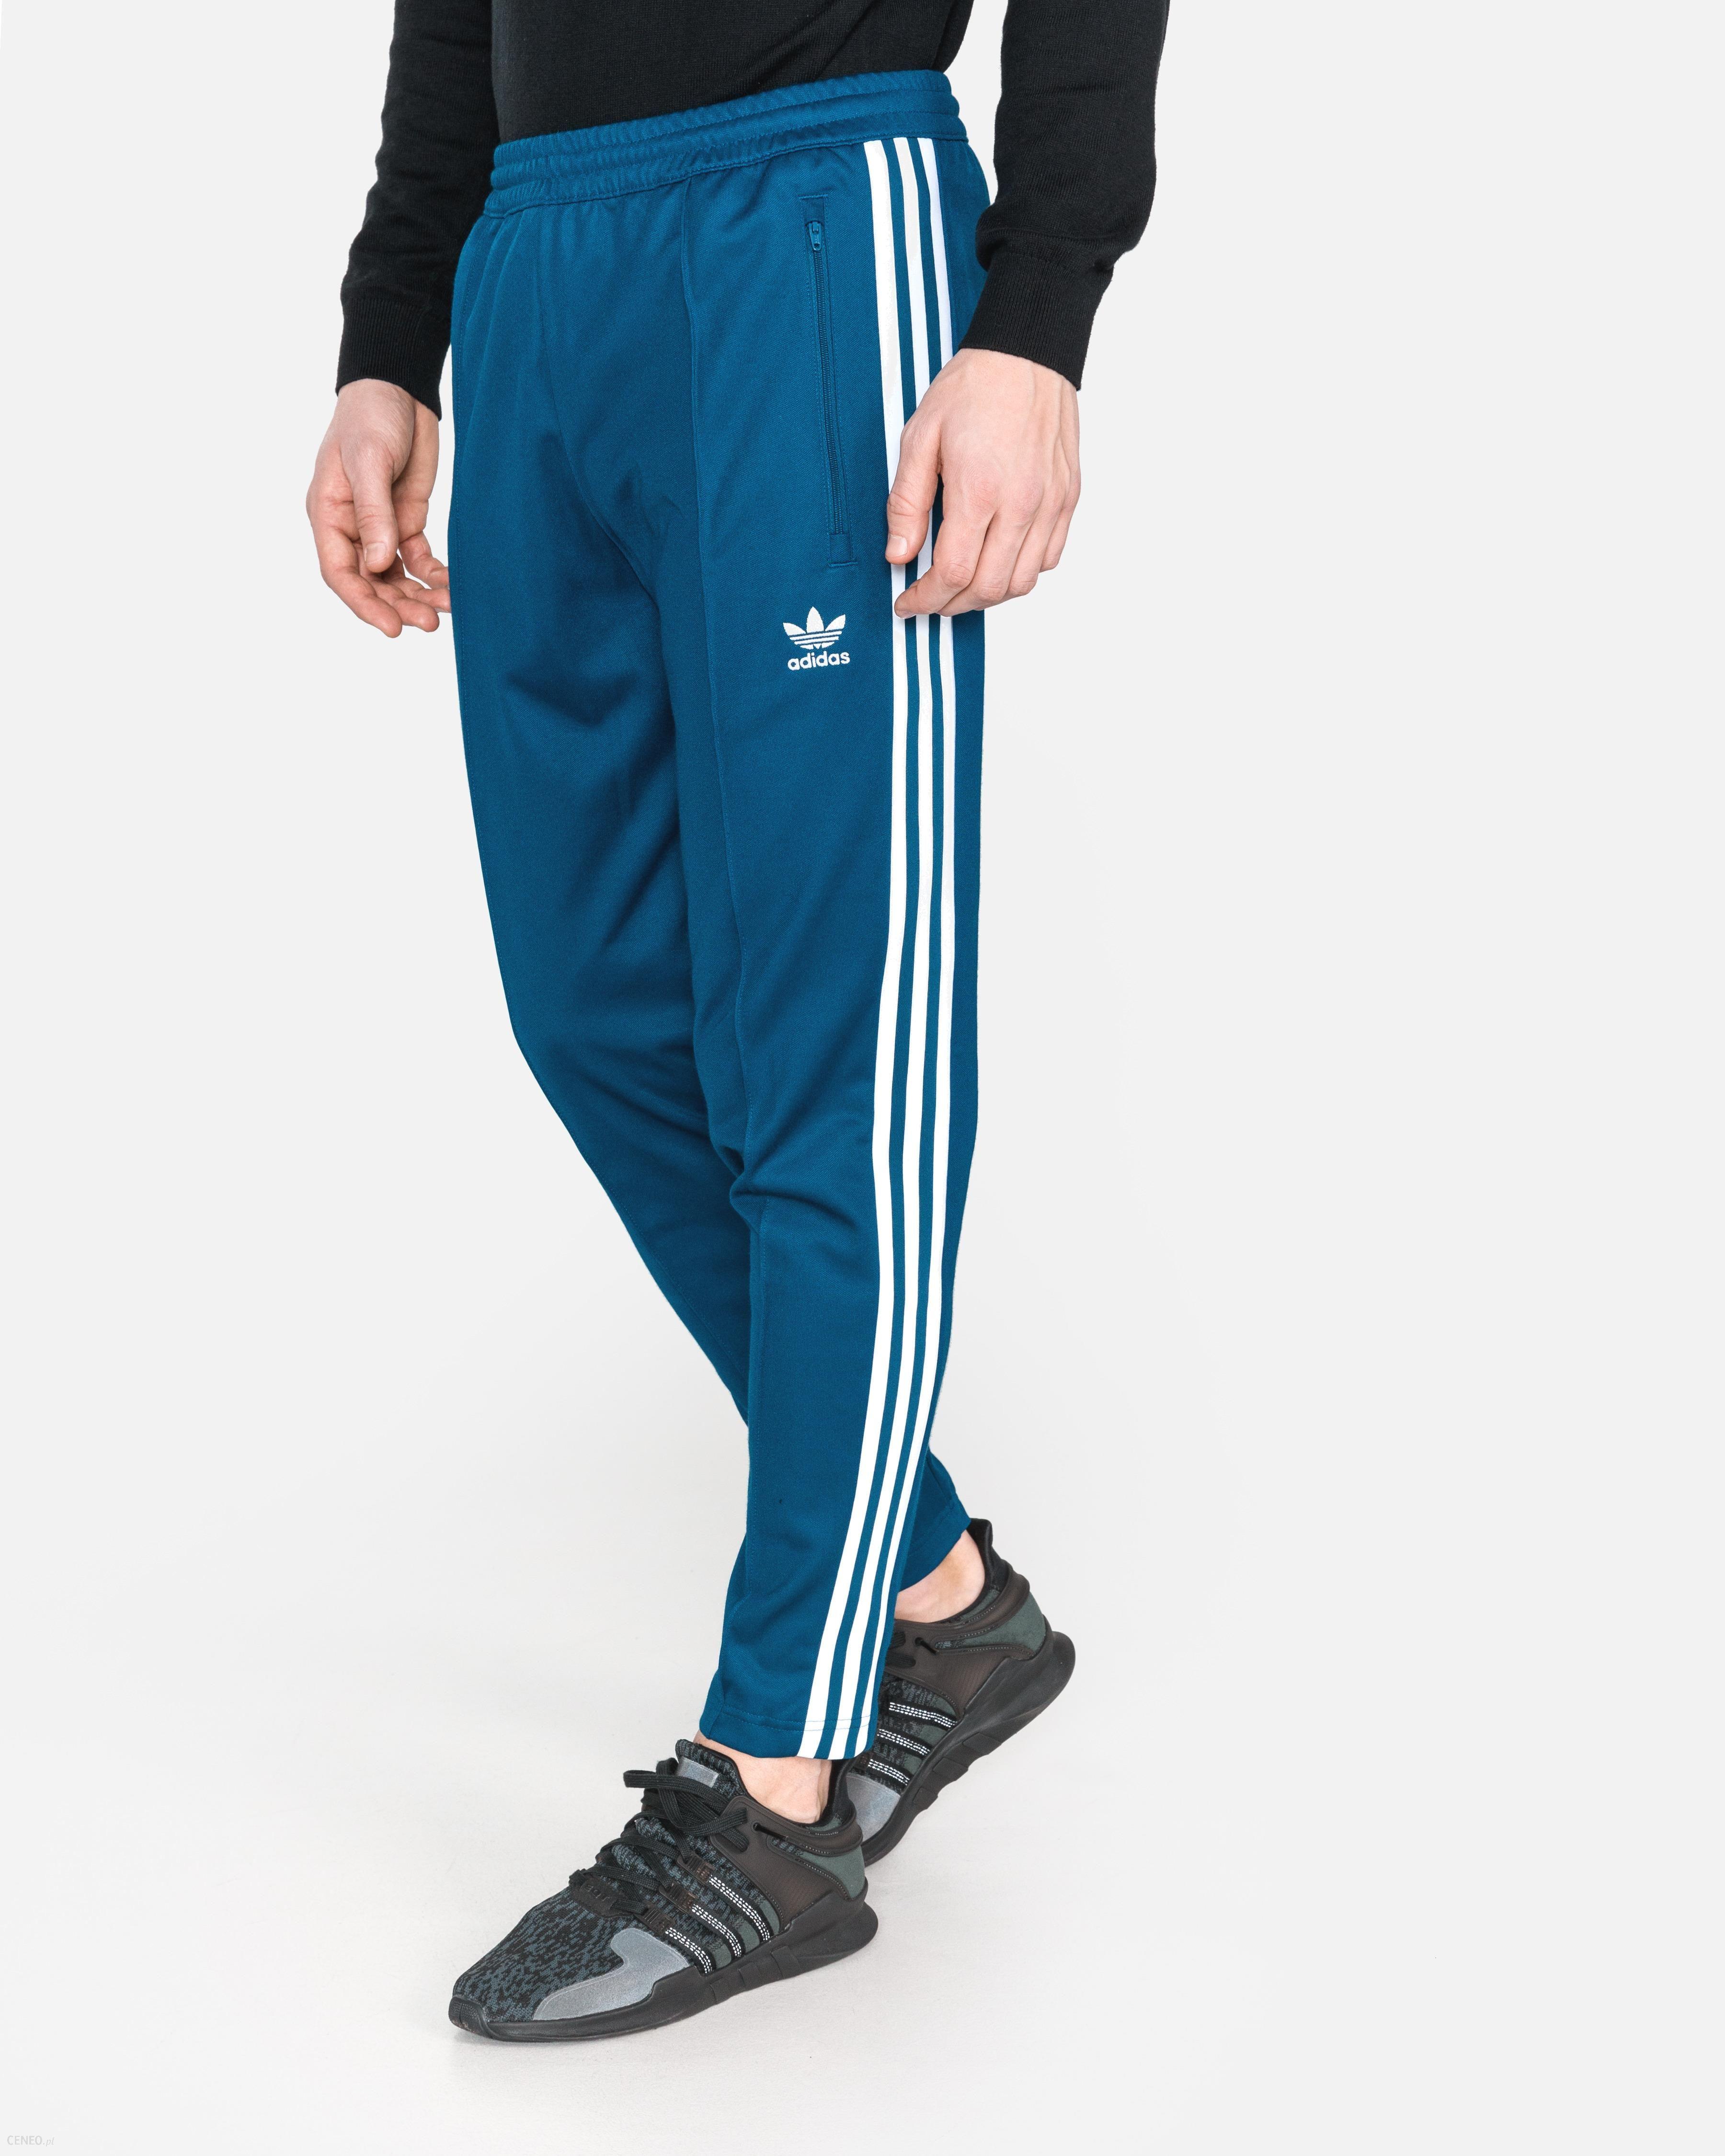 Spodnie sportowe adidas Originals Granatowy